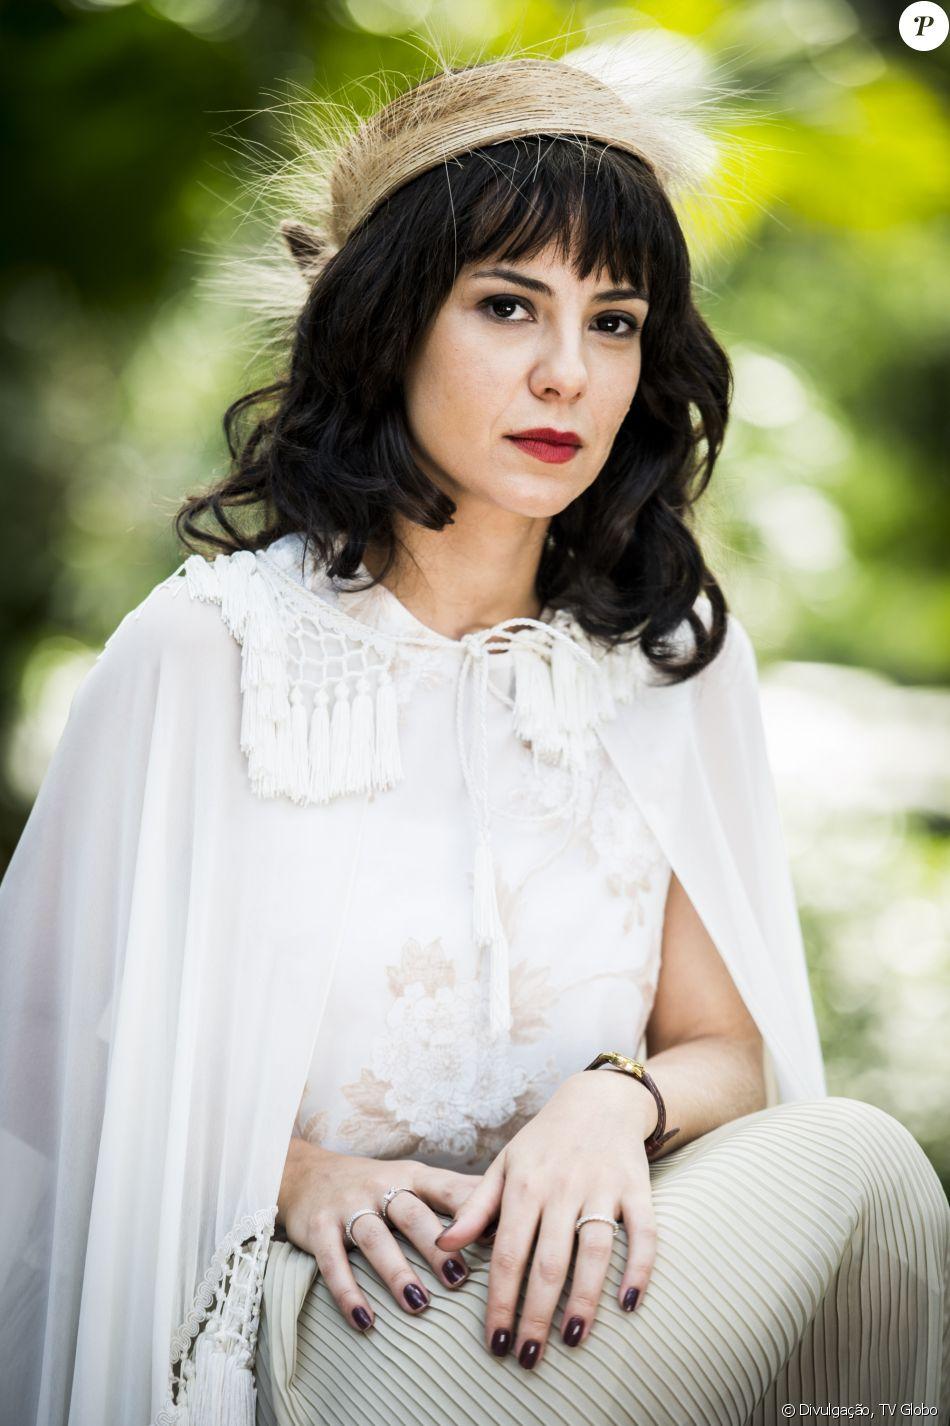 Andreia Horta será Lucinda, a vilã da nova novela das seis, 'Tempo de Amar', que fará de tudo para separar Vitória (Vitória Strada) e Inácio (Bruno Cabrerizo)